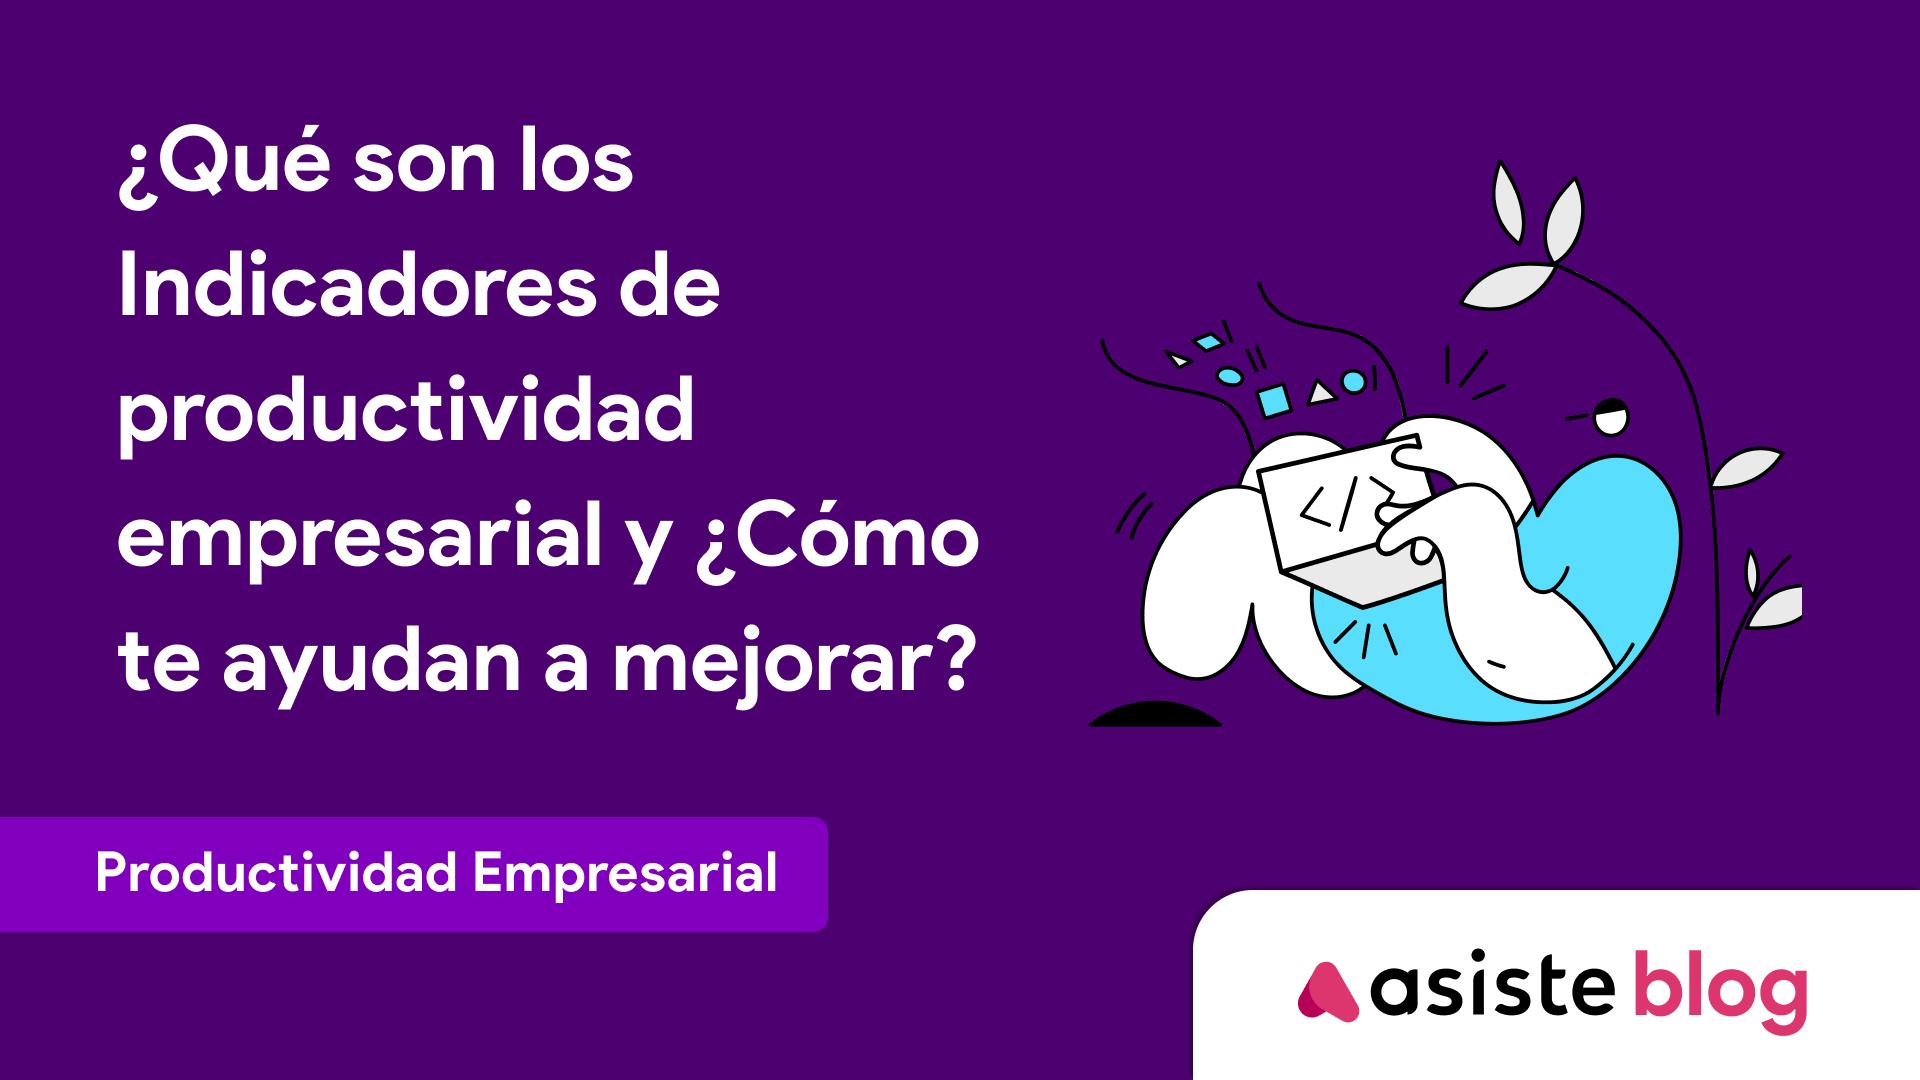 indicadores de productividad empresarial